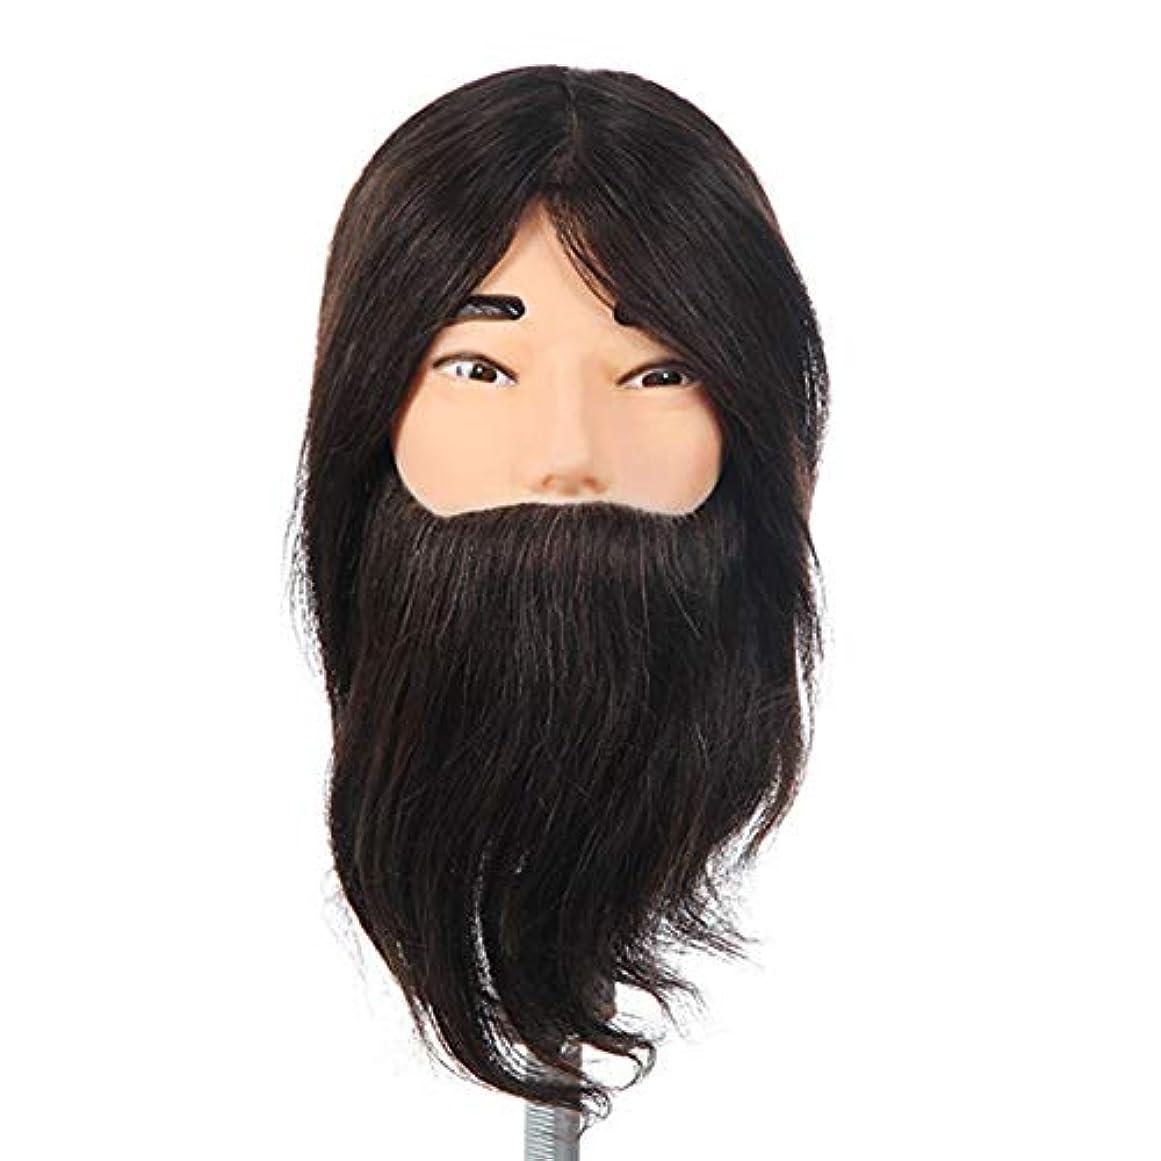 本会議記念日最初リアルヘア練習ヘッドモデルヘアサロントリミングパーマ染毛剤学習ダミーヘッドひげを生やした男性化粧マネキンヘッド